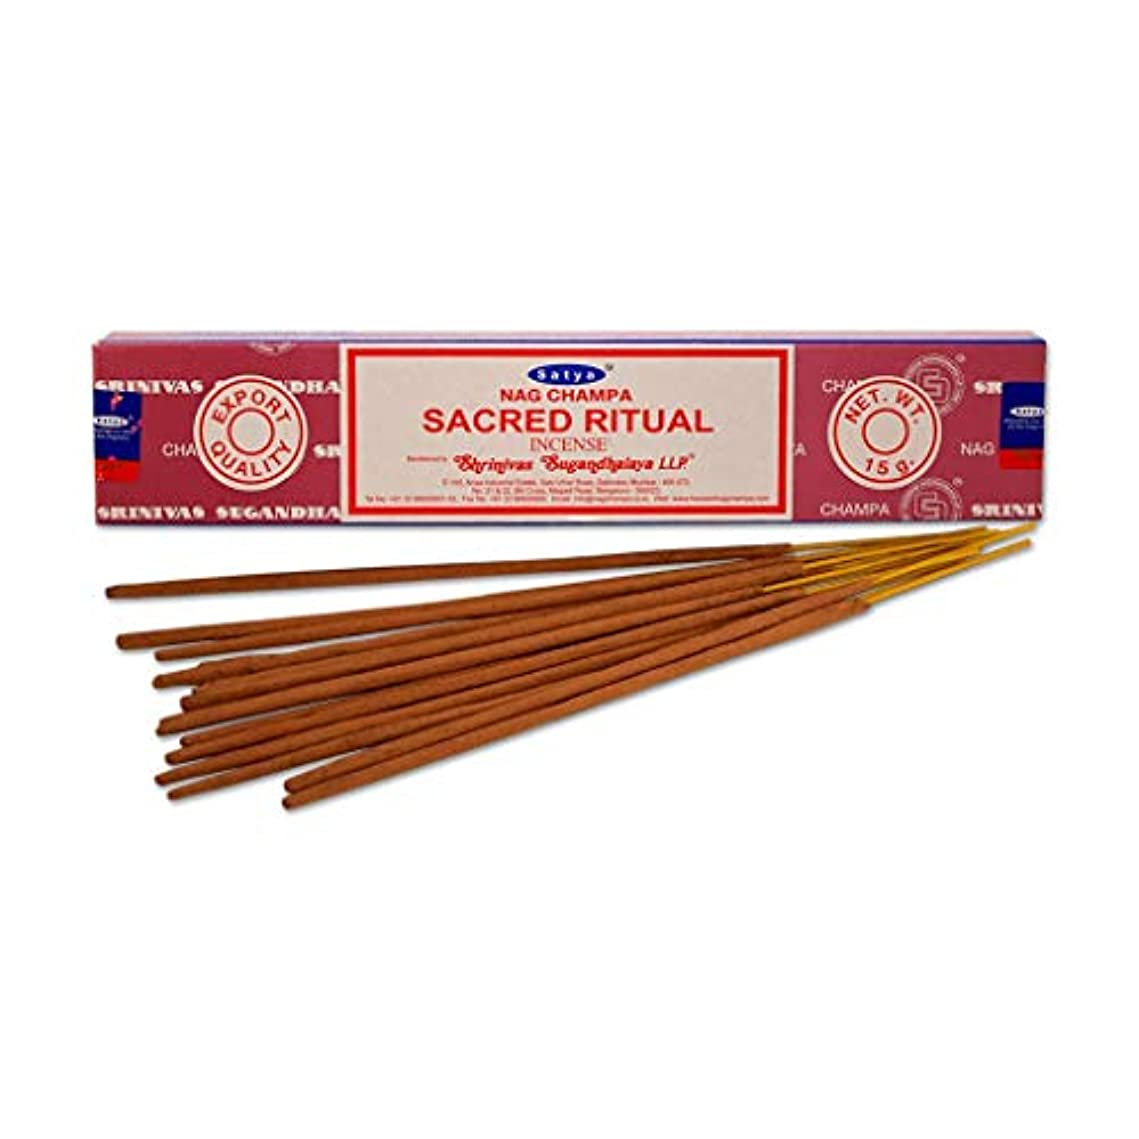 オーチャード近々反逆Satya Nag Champa Sacred Ritual お香スティック Agarbatti 180グラムボックス | 15グラム入り12パック 箱入り | 輸出品質